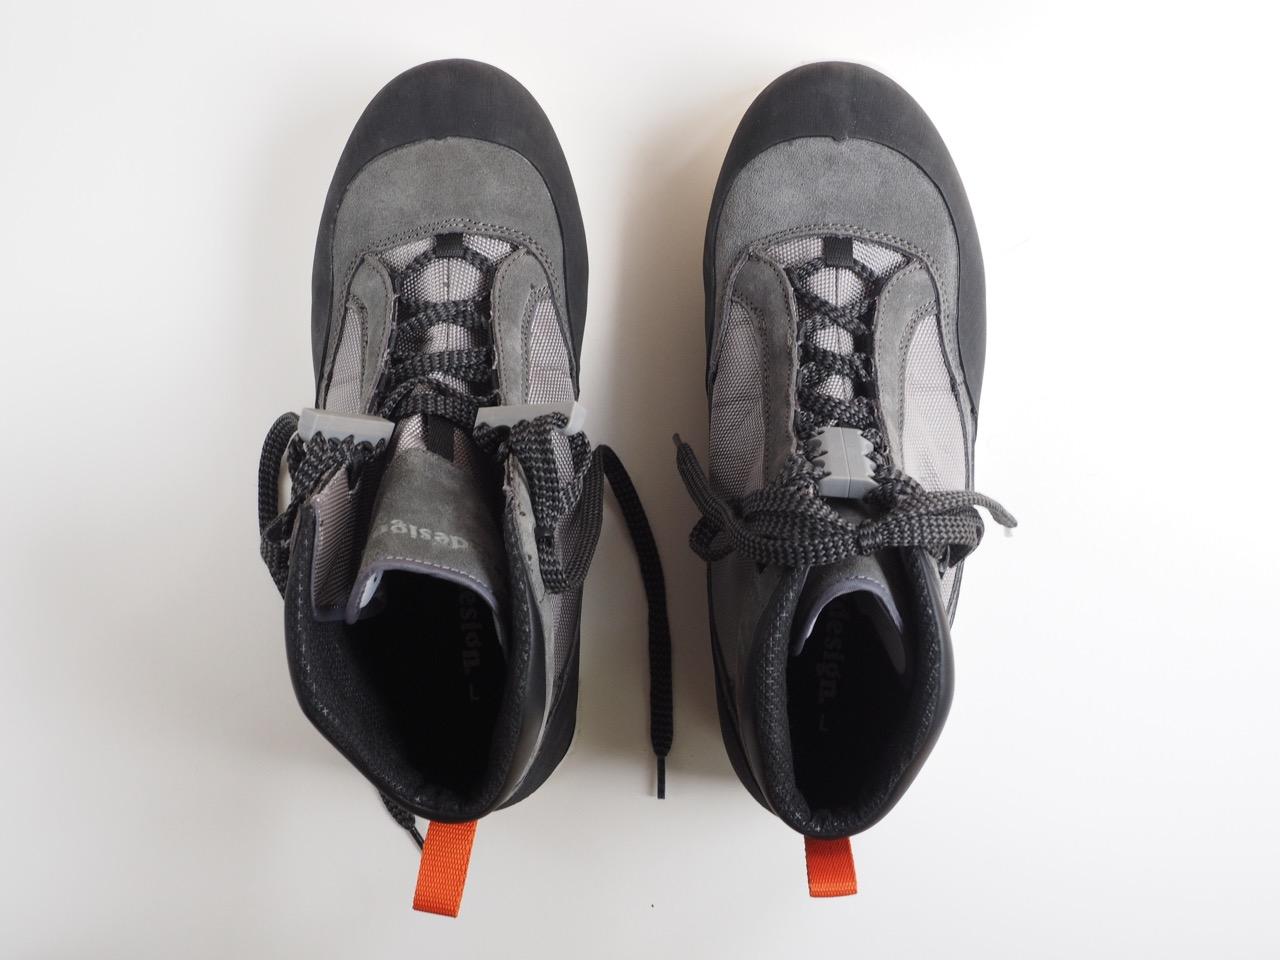 ブーツタイプの靴に実用的な新兵器